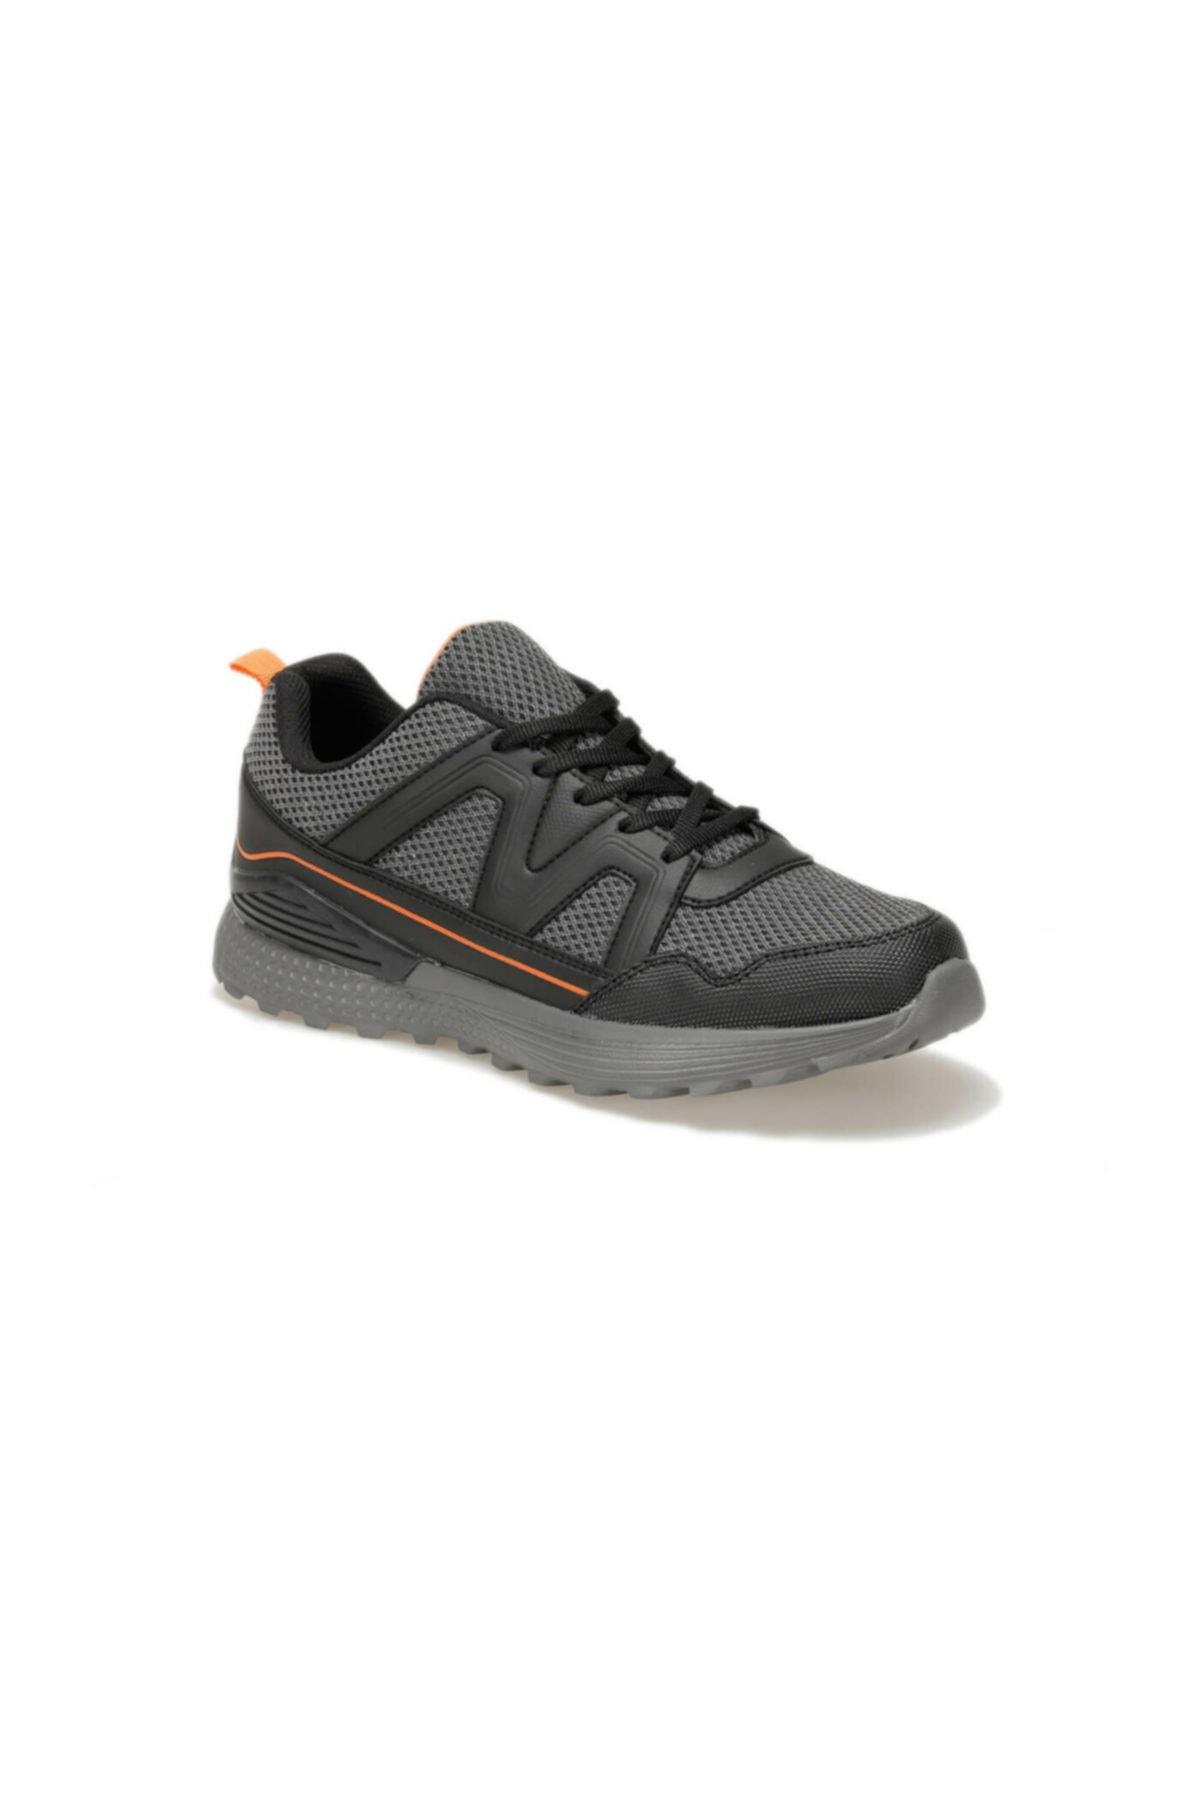 Torex CAPONE Siyah Erkek Koşu Ayakkabısı 100442796 1